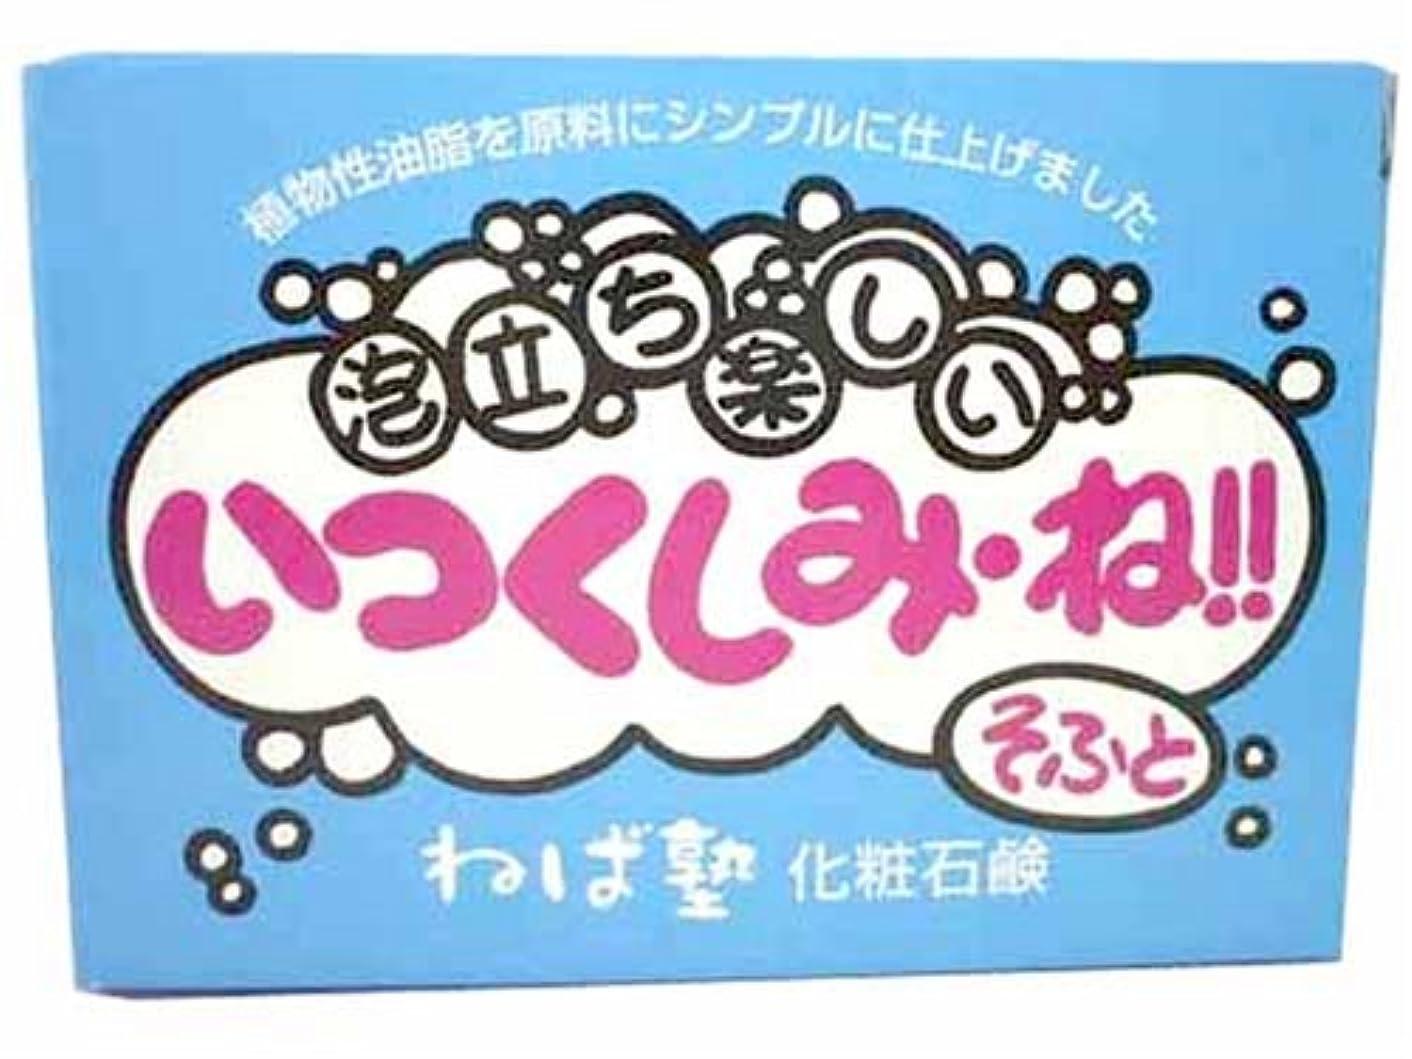 ラフレシアアルノルディクレーン株式ねば塾 いつくしみね!!そふと 120g